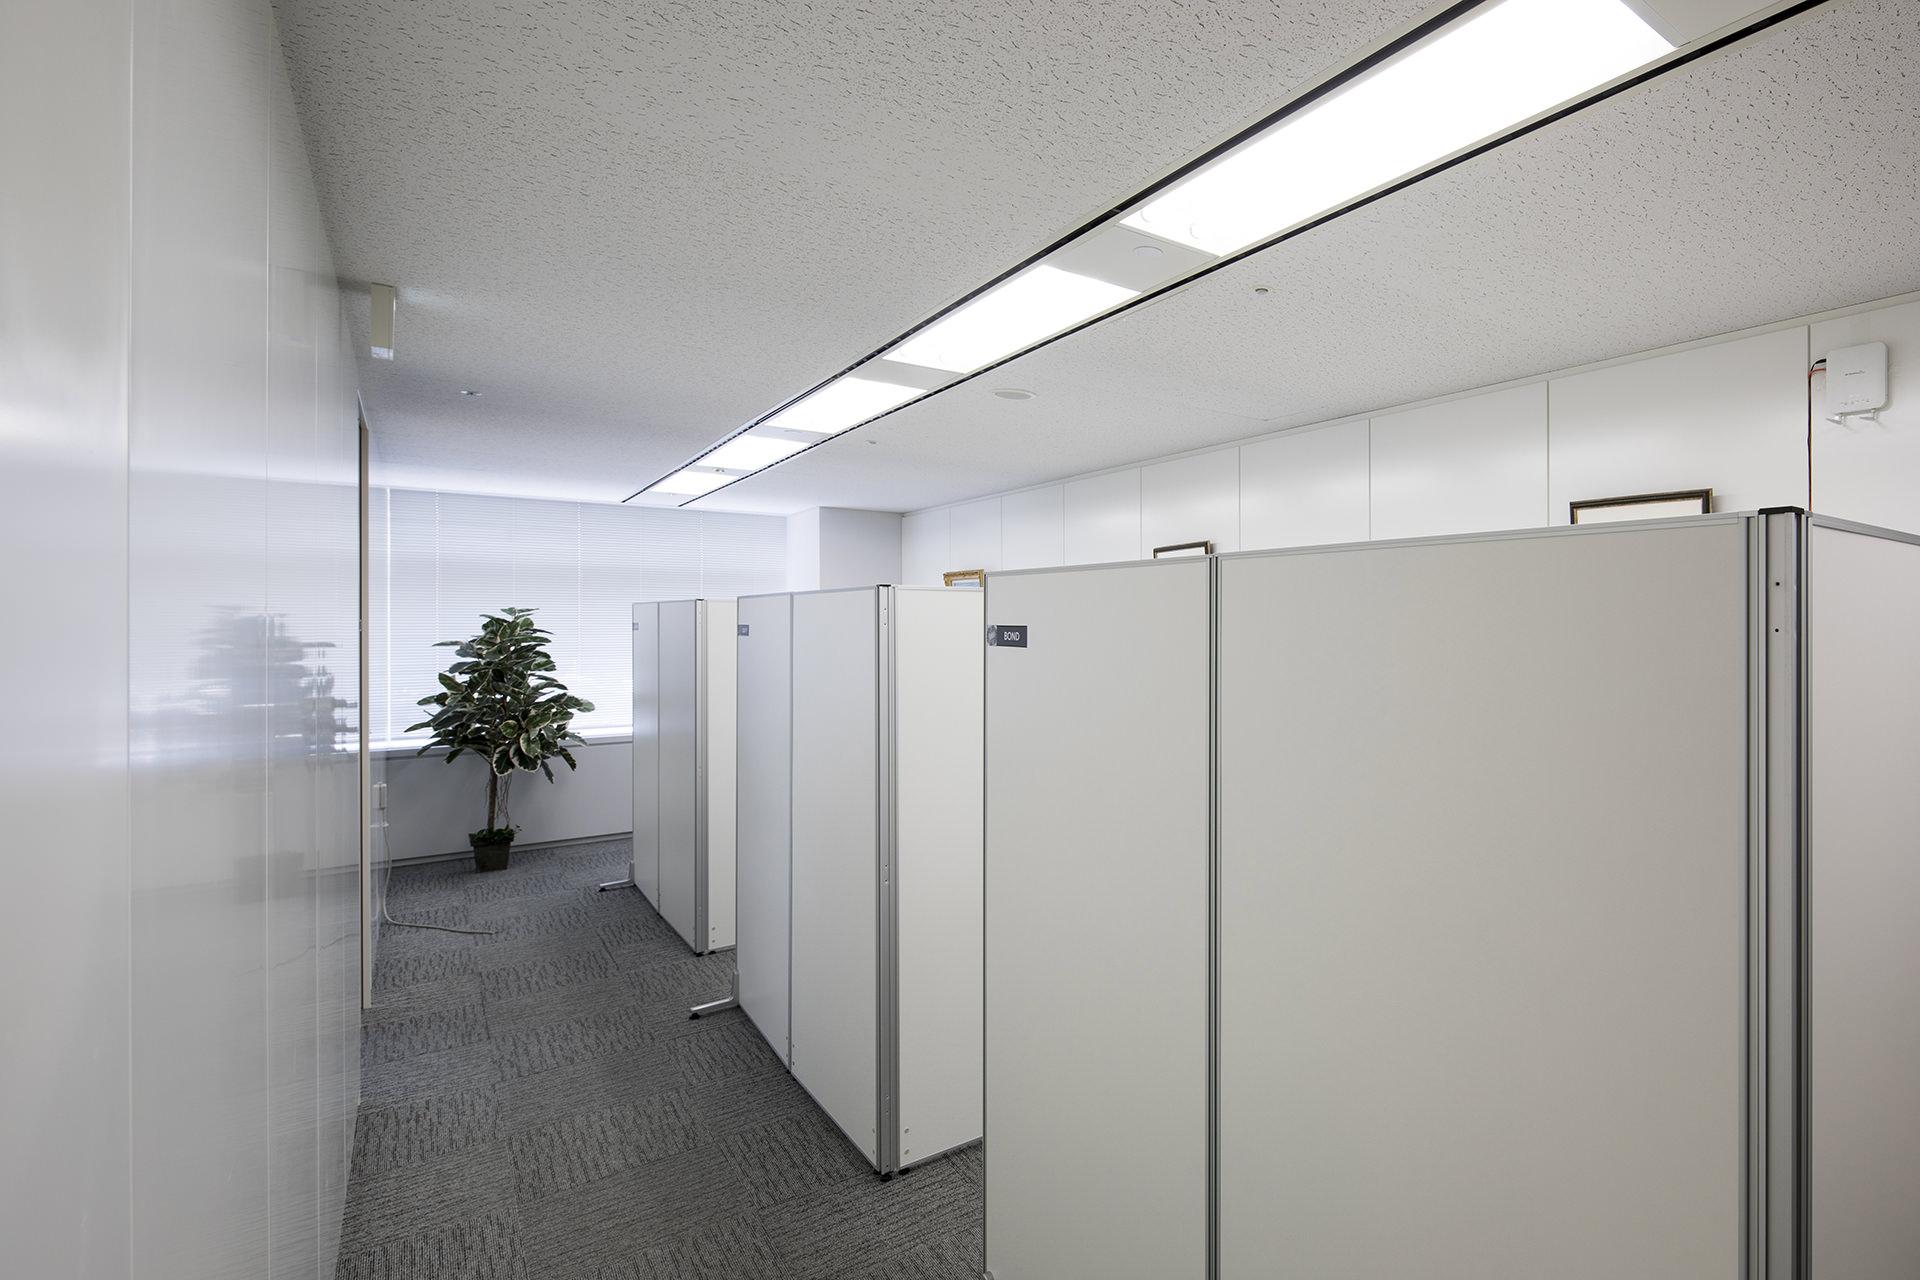 兼松ビルディング 撮影イメージ21 撮影:東涌写真事務所・東涌宏和